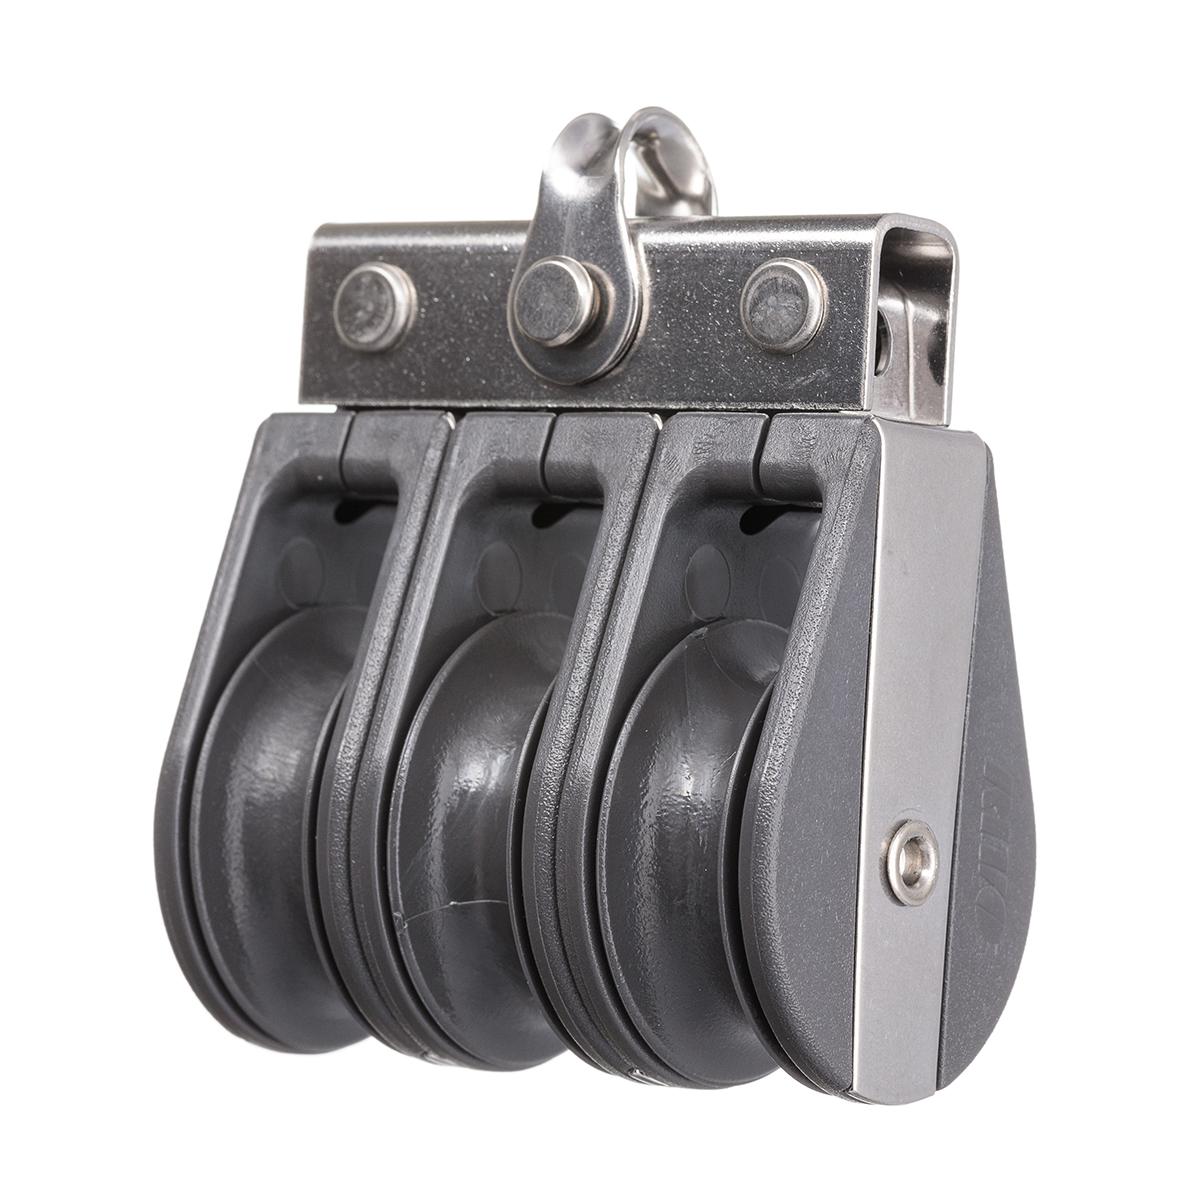 R7314 - 38 Nova Triple (Pk Size: 1)